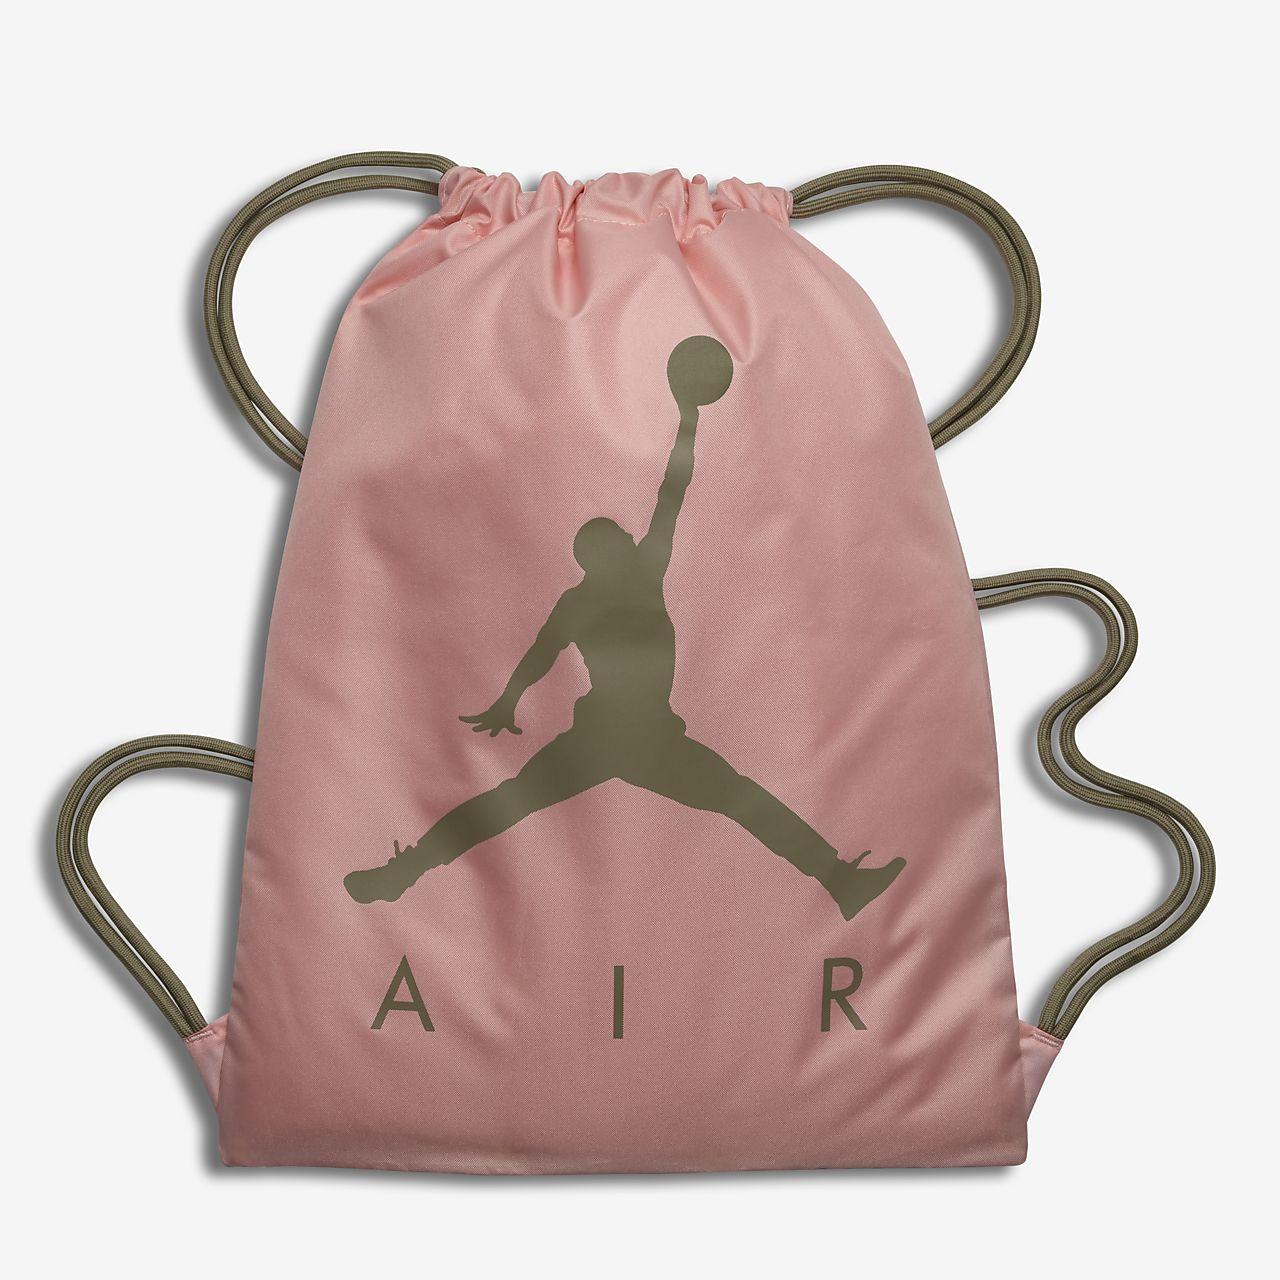 Air Jordan Trainingsbeutel